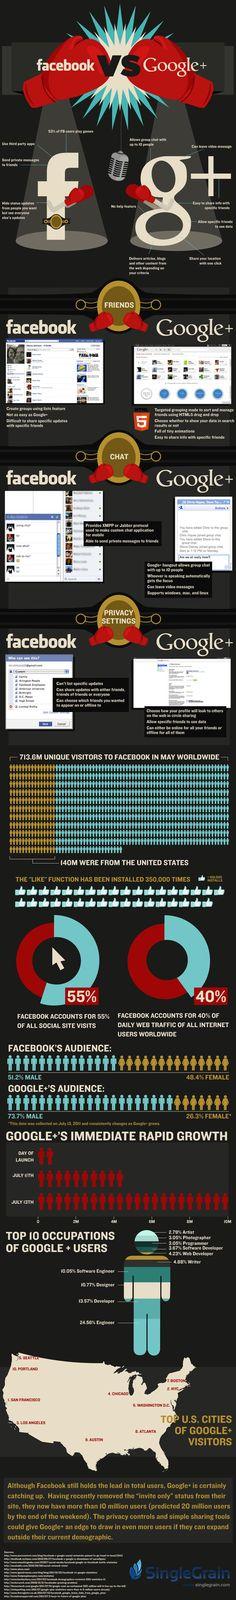 Facebook vs. GooglePlus (July 2011)